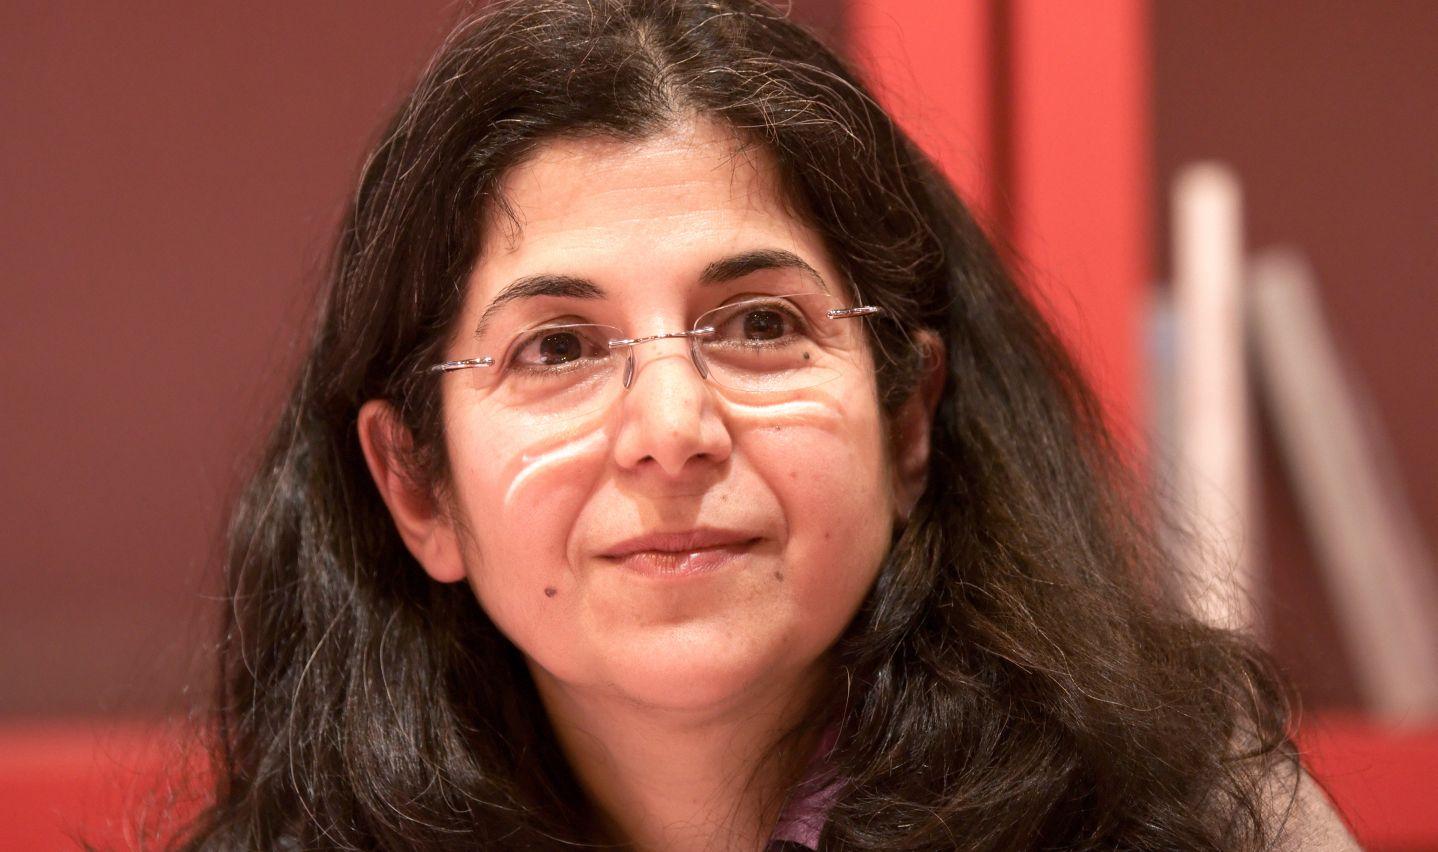 Les accusations d'espionnage contre l'universitaire franco-iranienne Fariba Adelkhah levées par l'Iran (avocat)